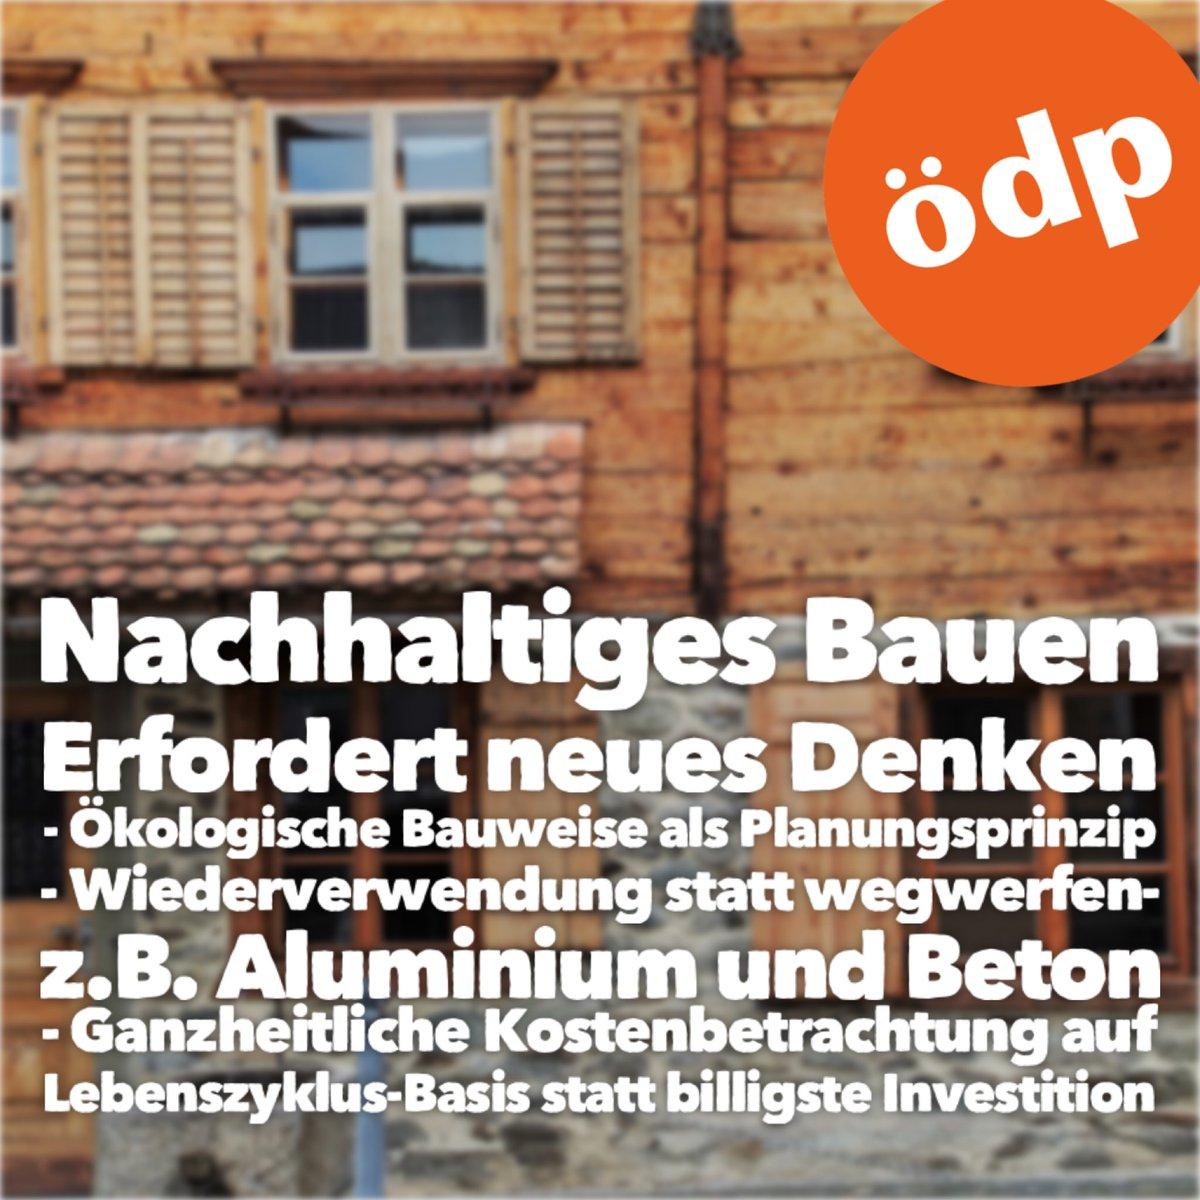 #kommunalwahl2020 #ÖDP #bauen #wirbaueneinhaus #nachhaltigkeit #ökologisch #fairpic.twitter.com/r514YZ5DKt